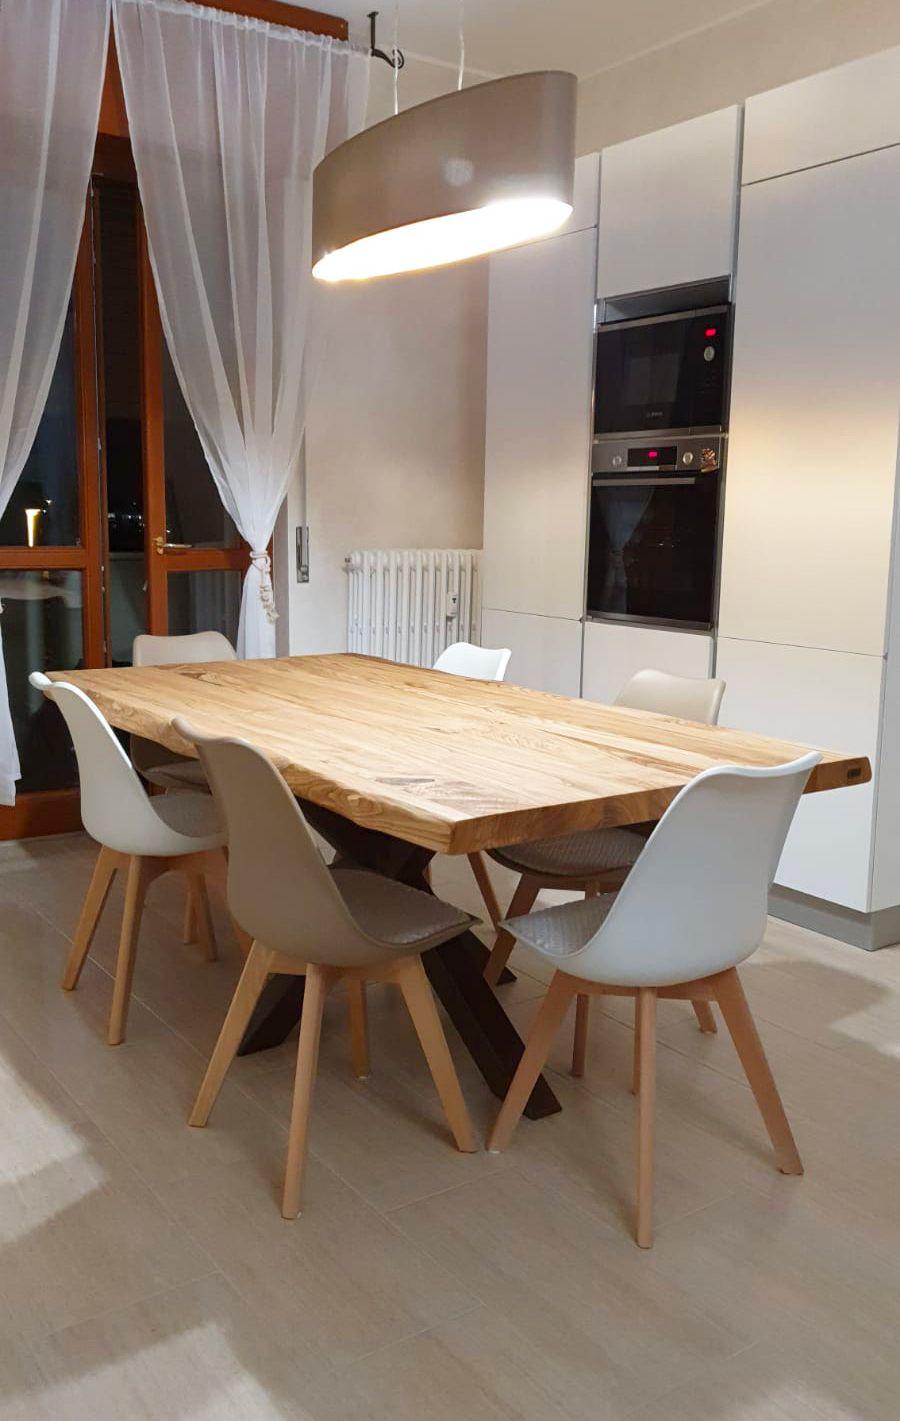 Tavolo da cucina 160x80 cm con gamba a stella centrale